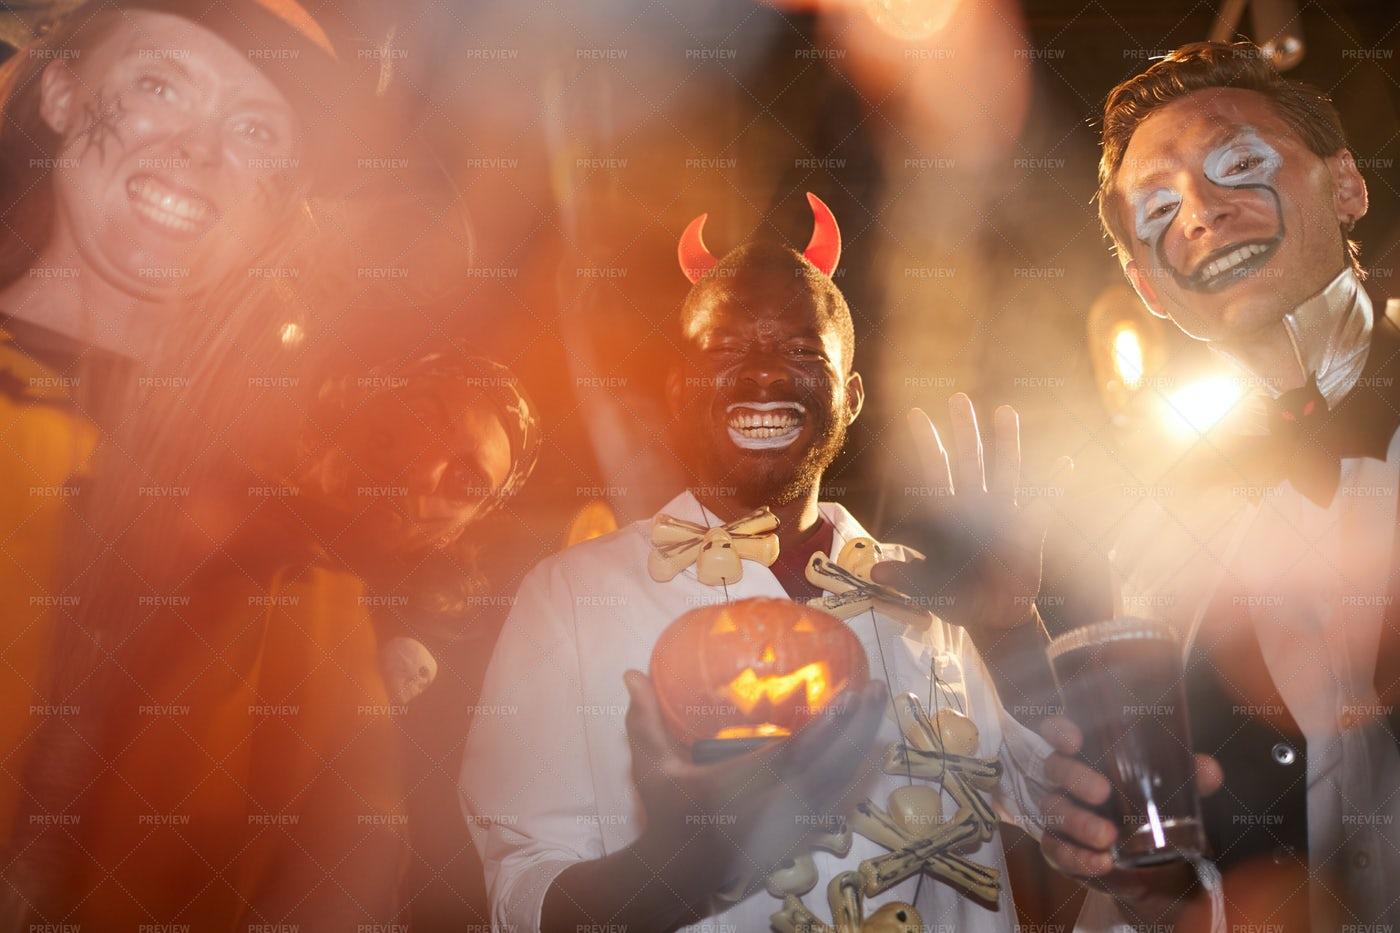 Men Wearing Halloween Costumes In...: Stock Photos